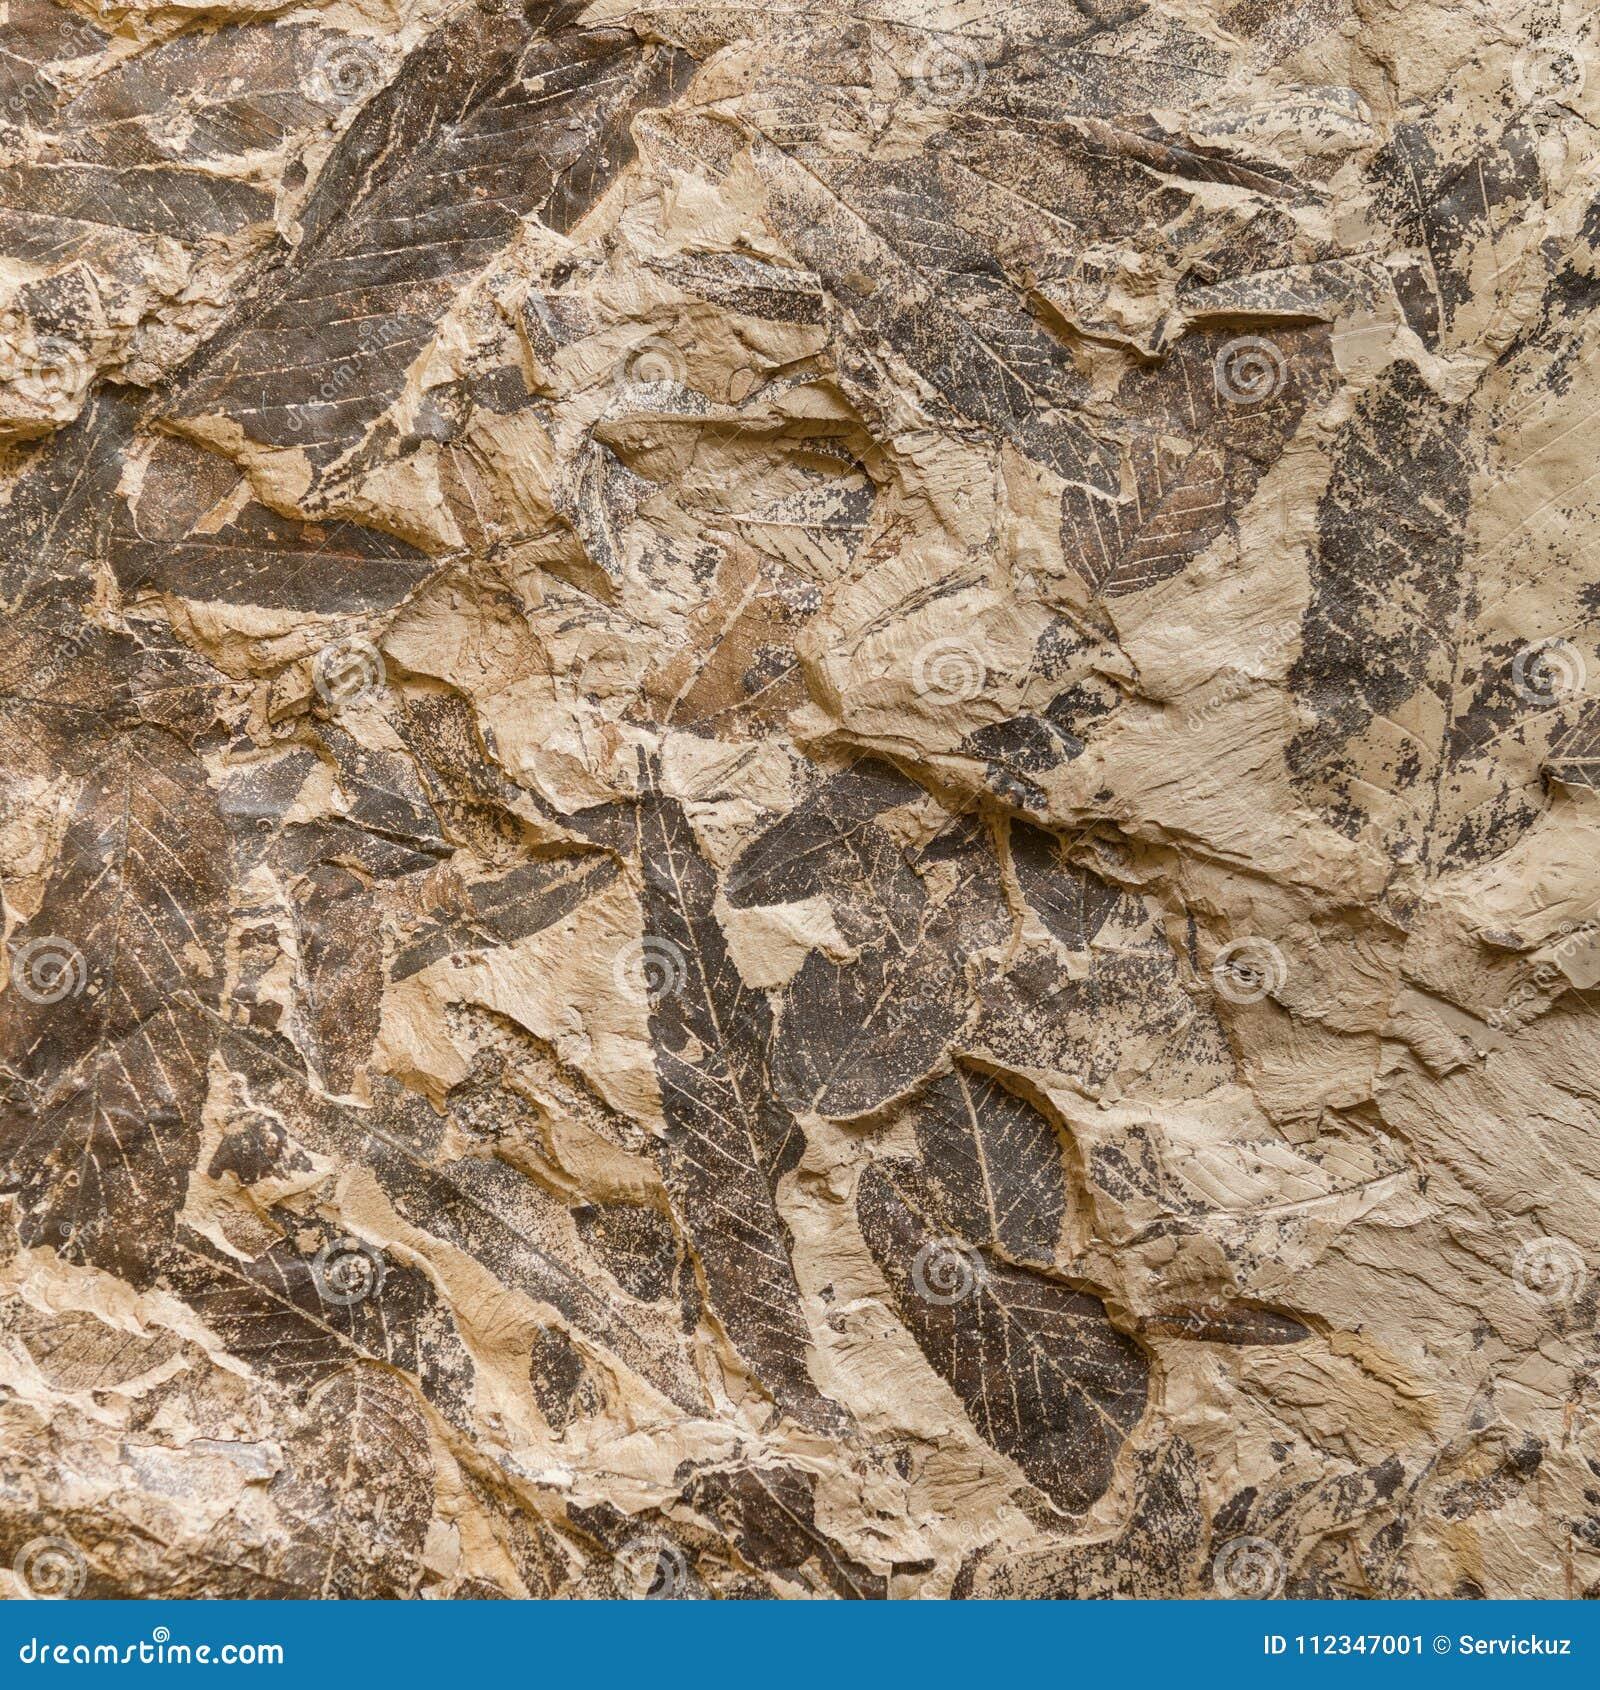 La Impresión De La Planta Prehistórica Fósil Se Va En Piedra